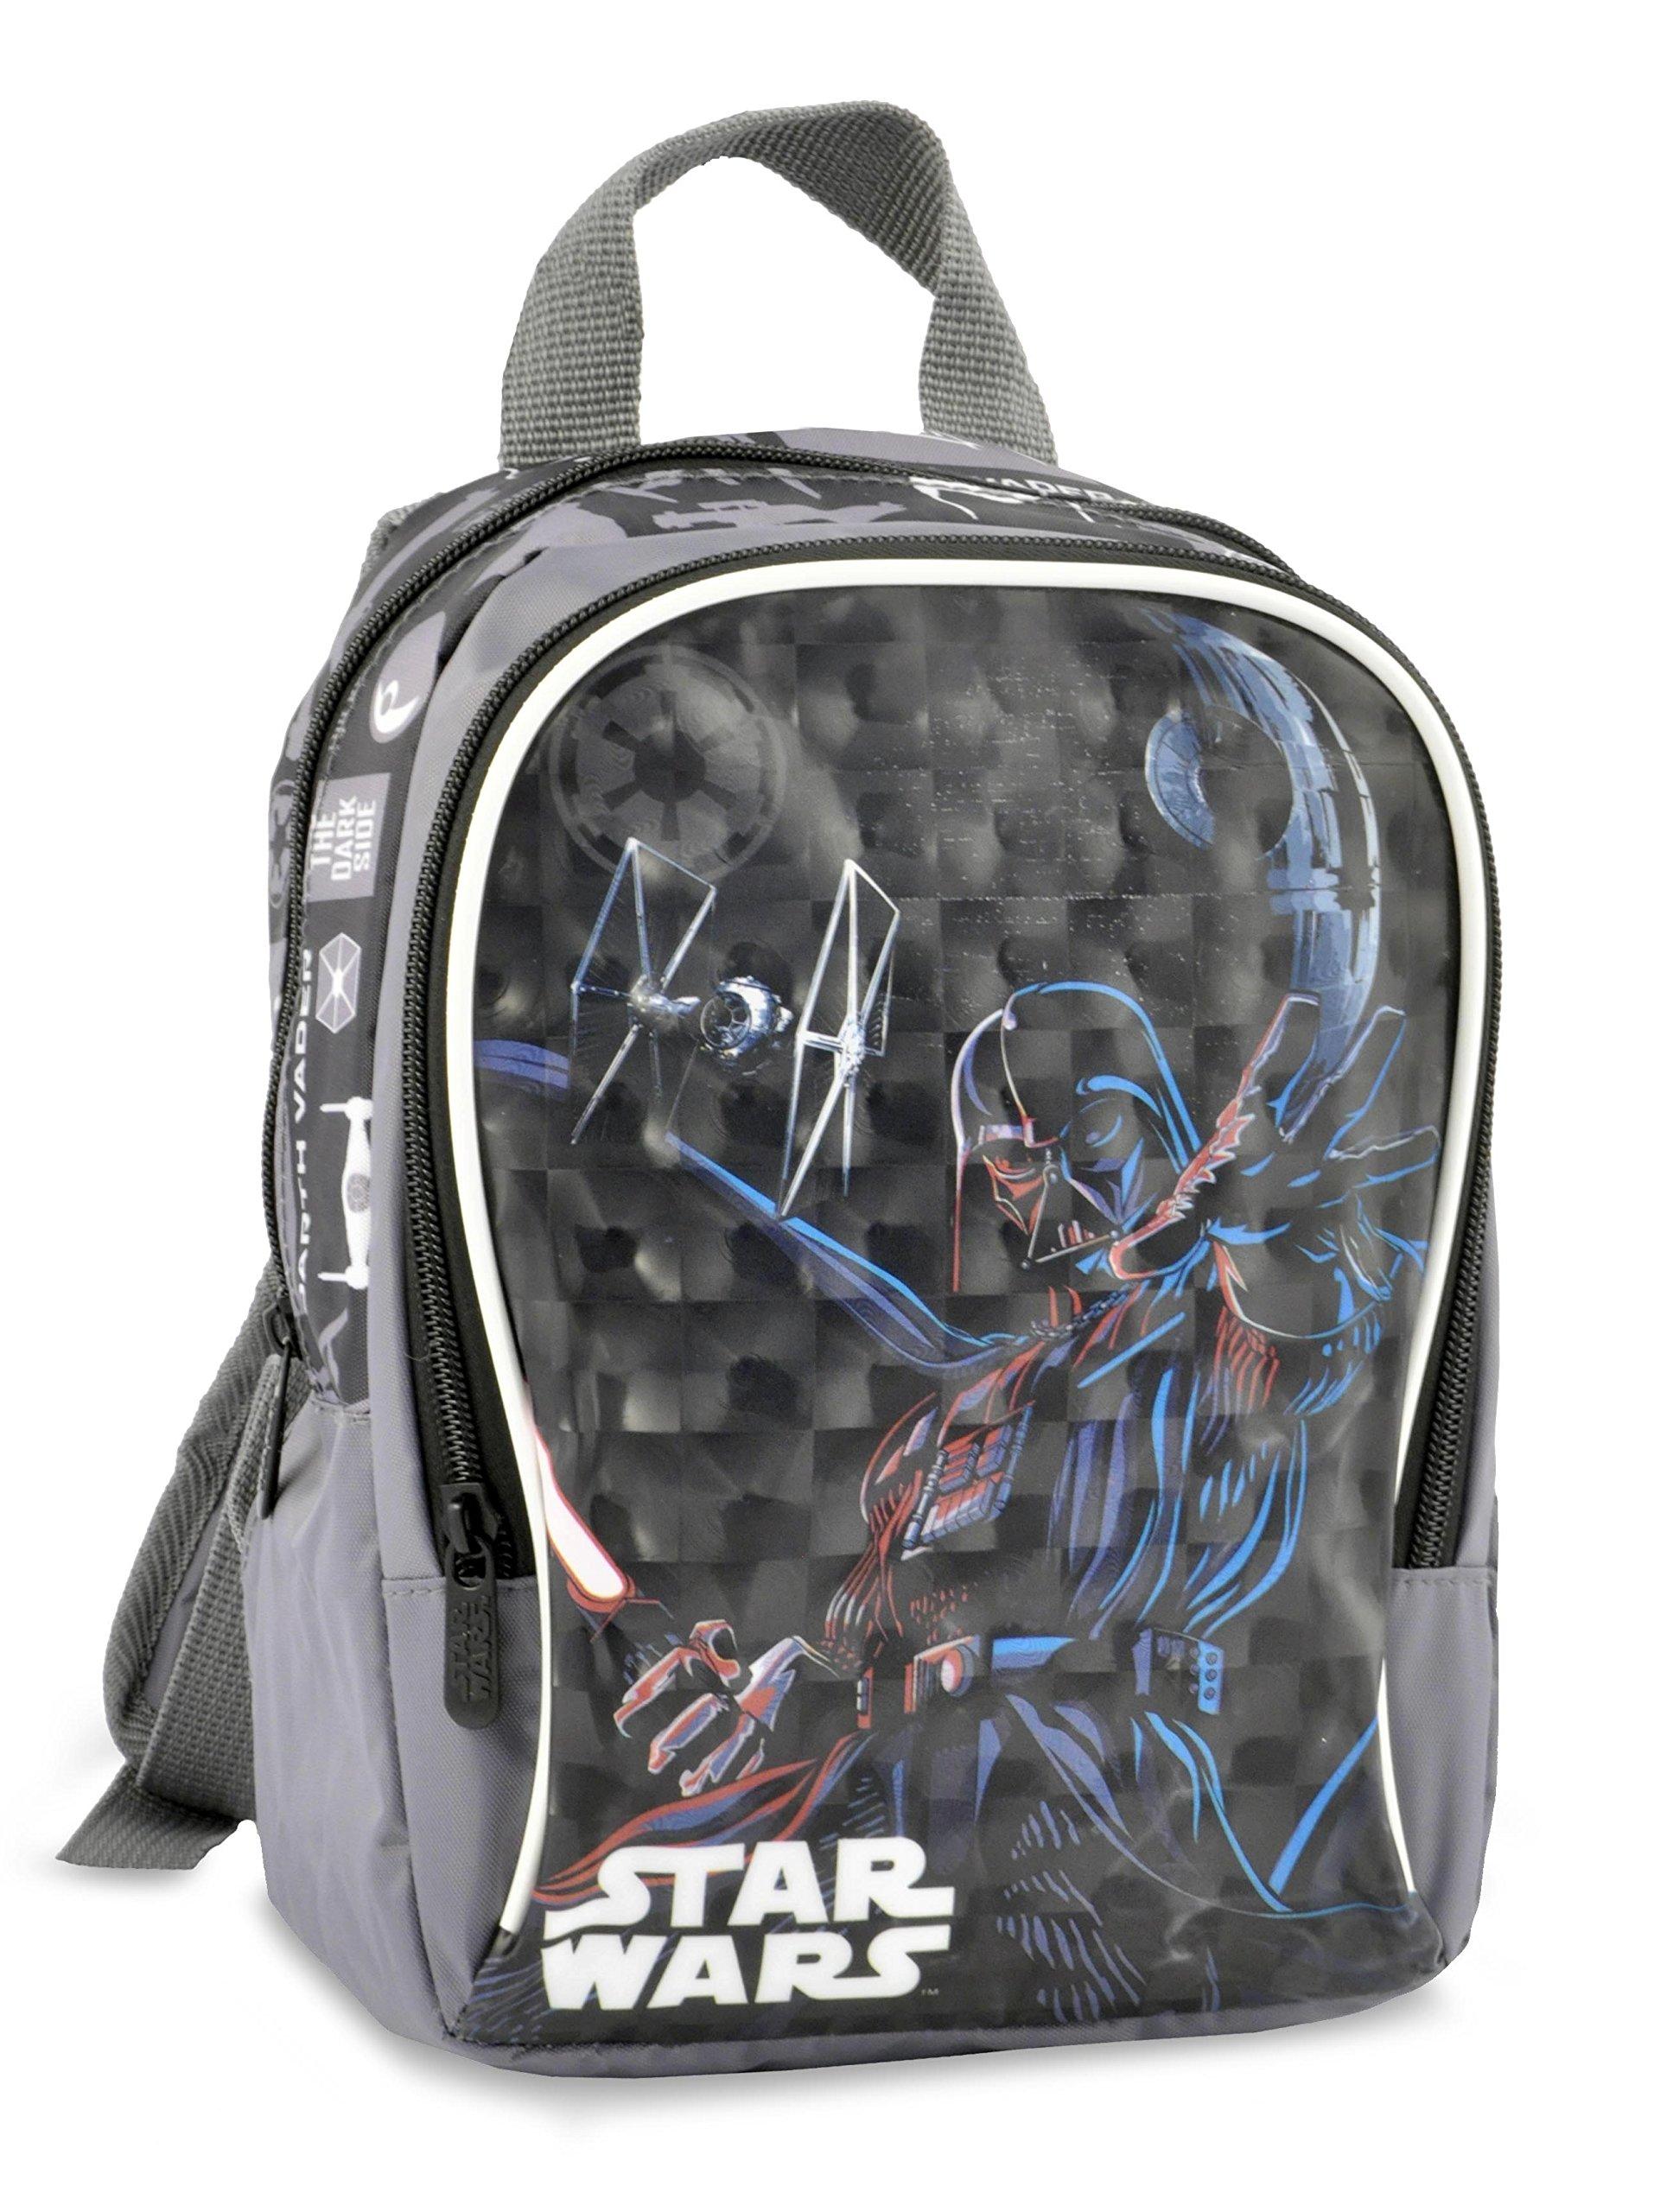 91utqTsJRQL - Maly plecak Star Wars